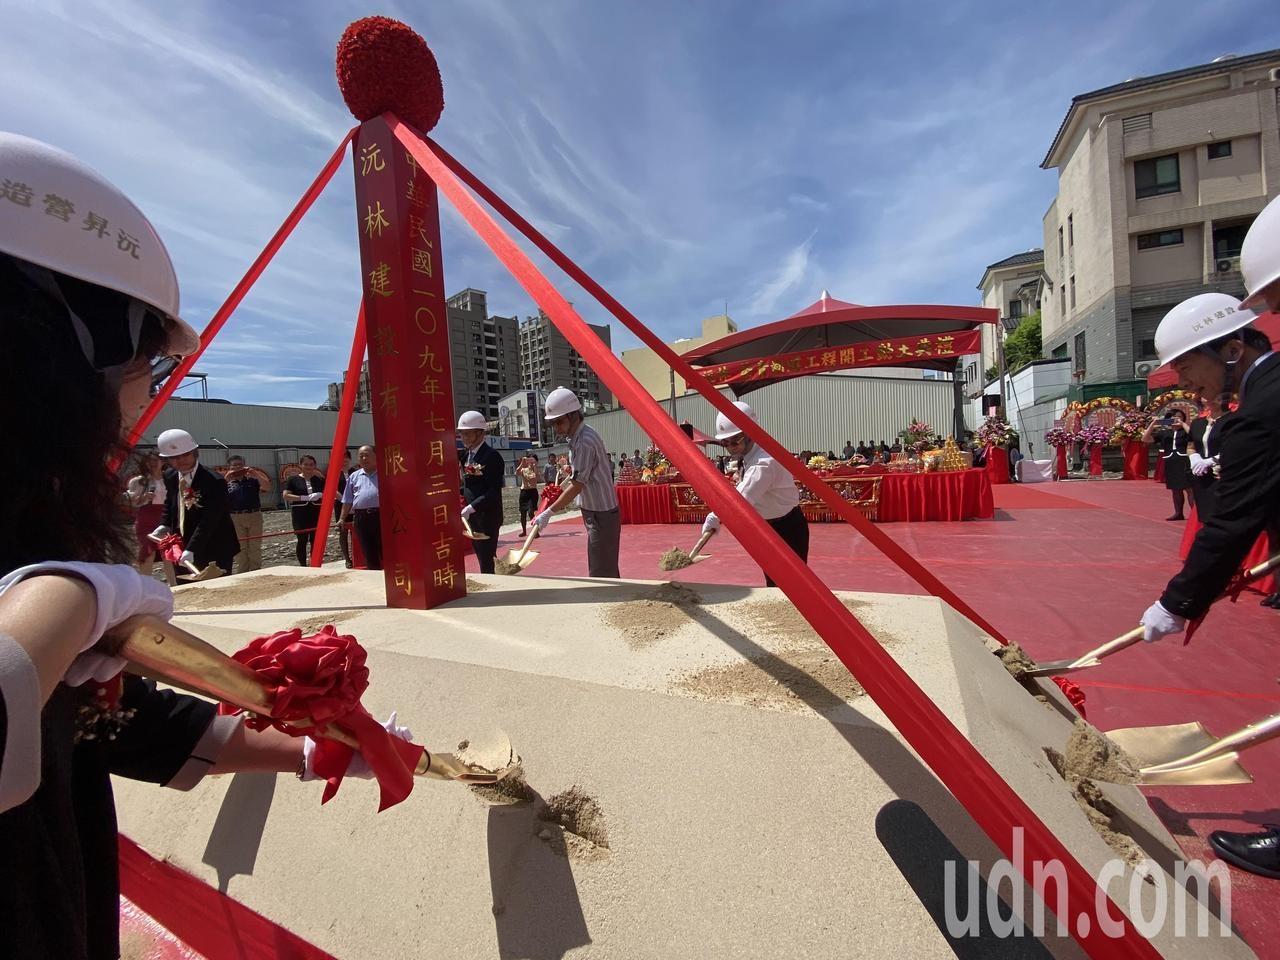 「沅林築青」大樓住宅案昨天動工,傳出銷售6成,將成為大里住宅新地標。記者趙容萱/攝影